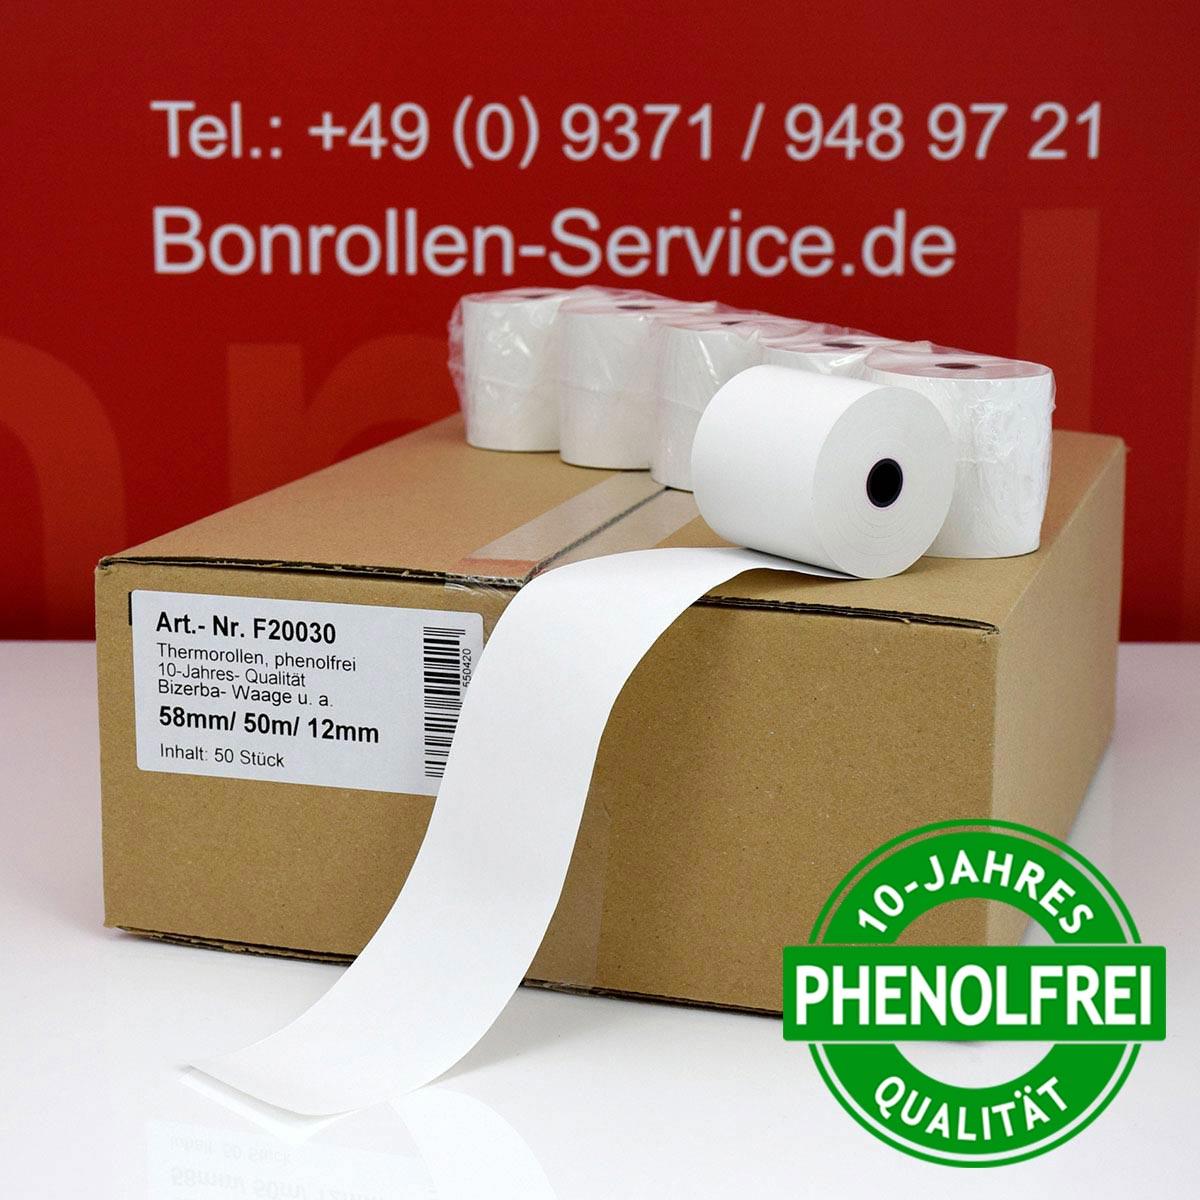 Thermorollen 58 / 50m / 12 weiß (10-Jahres-Qualität, phenolfrei)